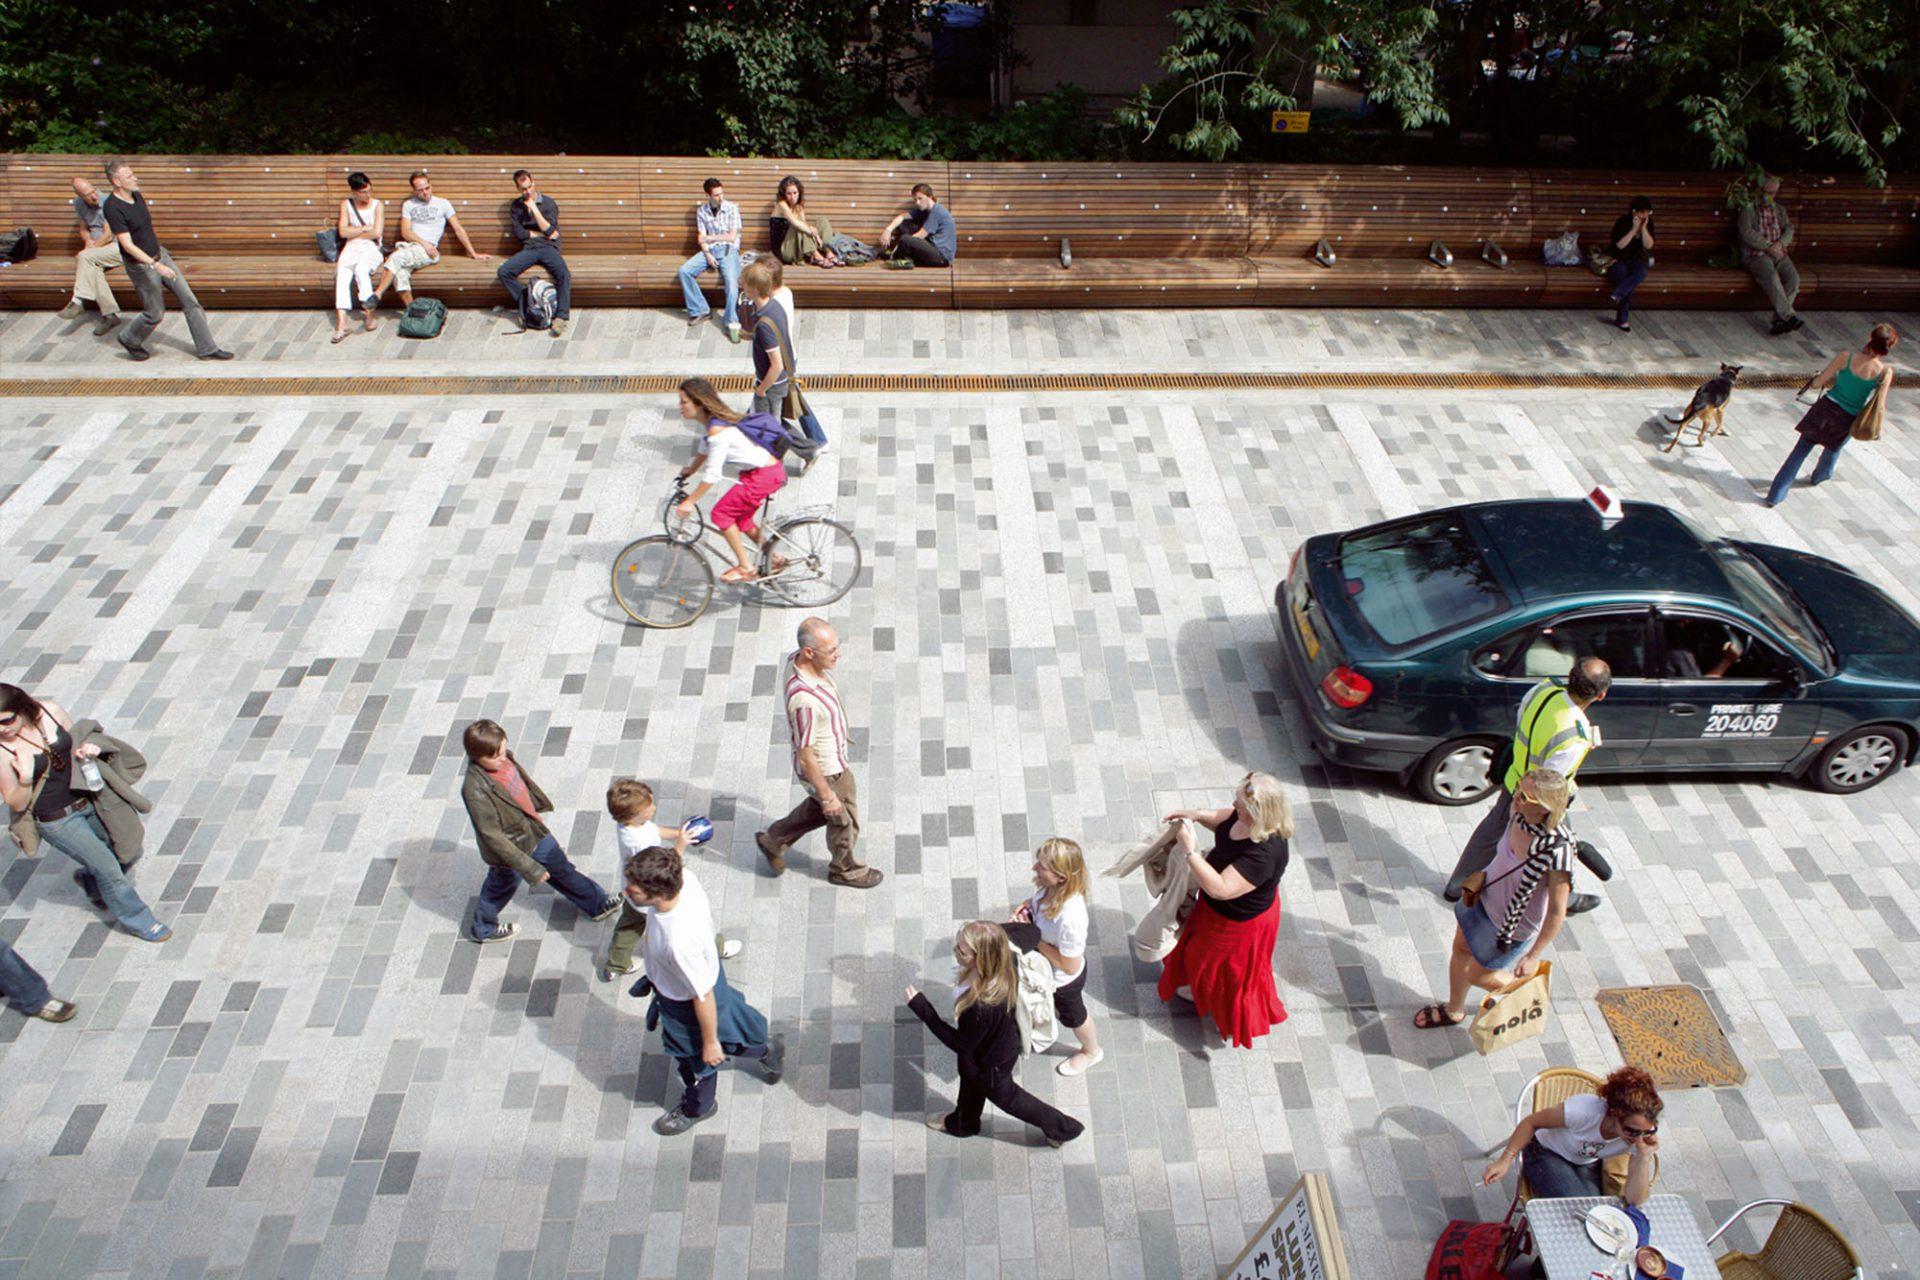 """Werkzeuge.  Straßen, in denen Fußgänger """"Vorfahrt"""" haben, sind beliebter und können für unterschiedliche Aktivitäten genutzt werden."""